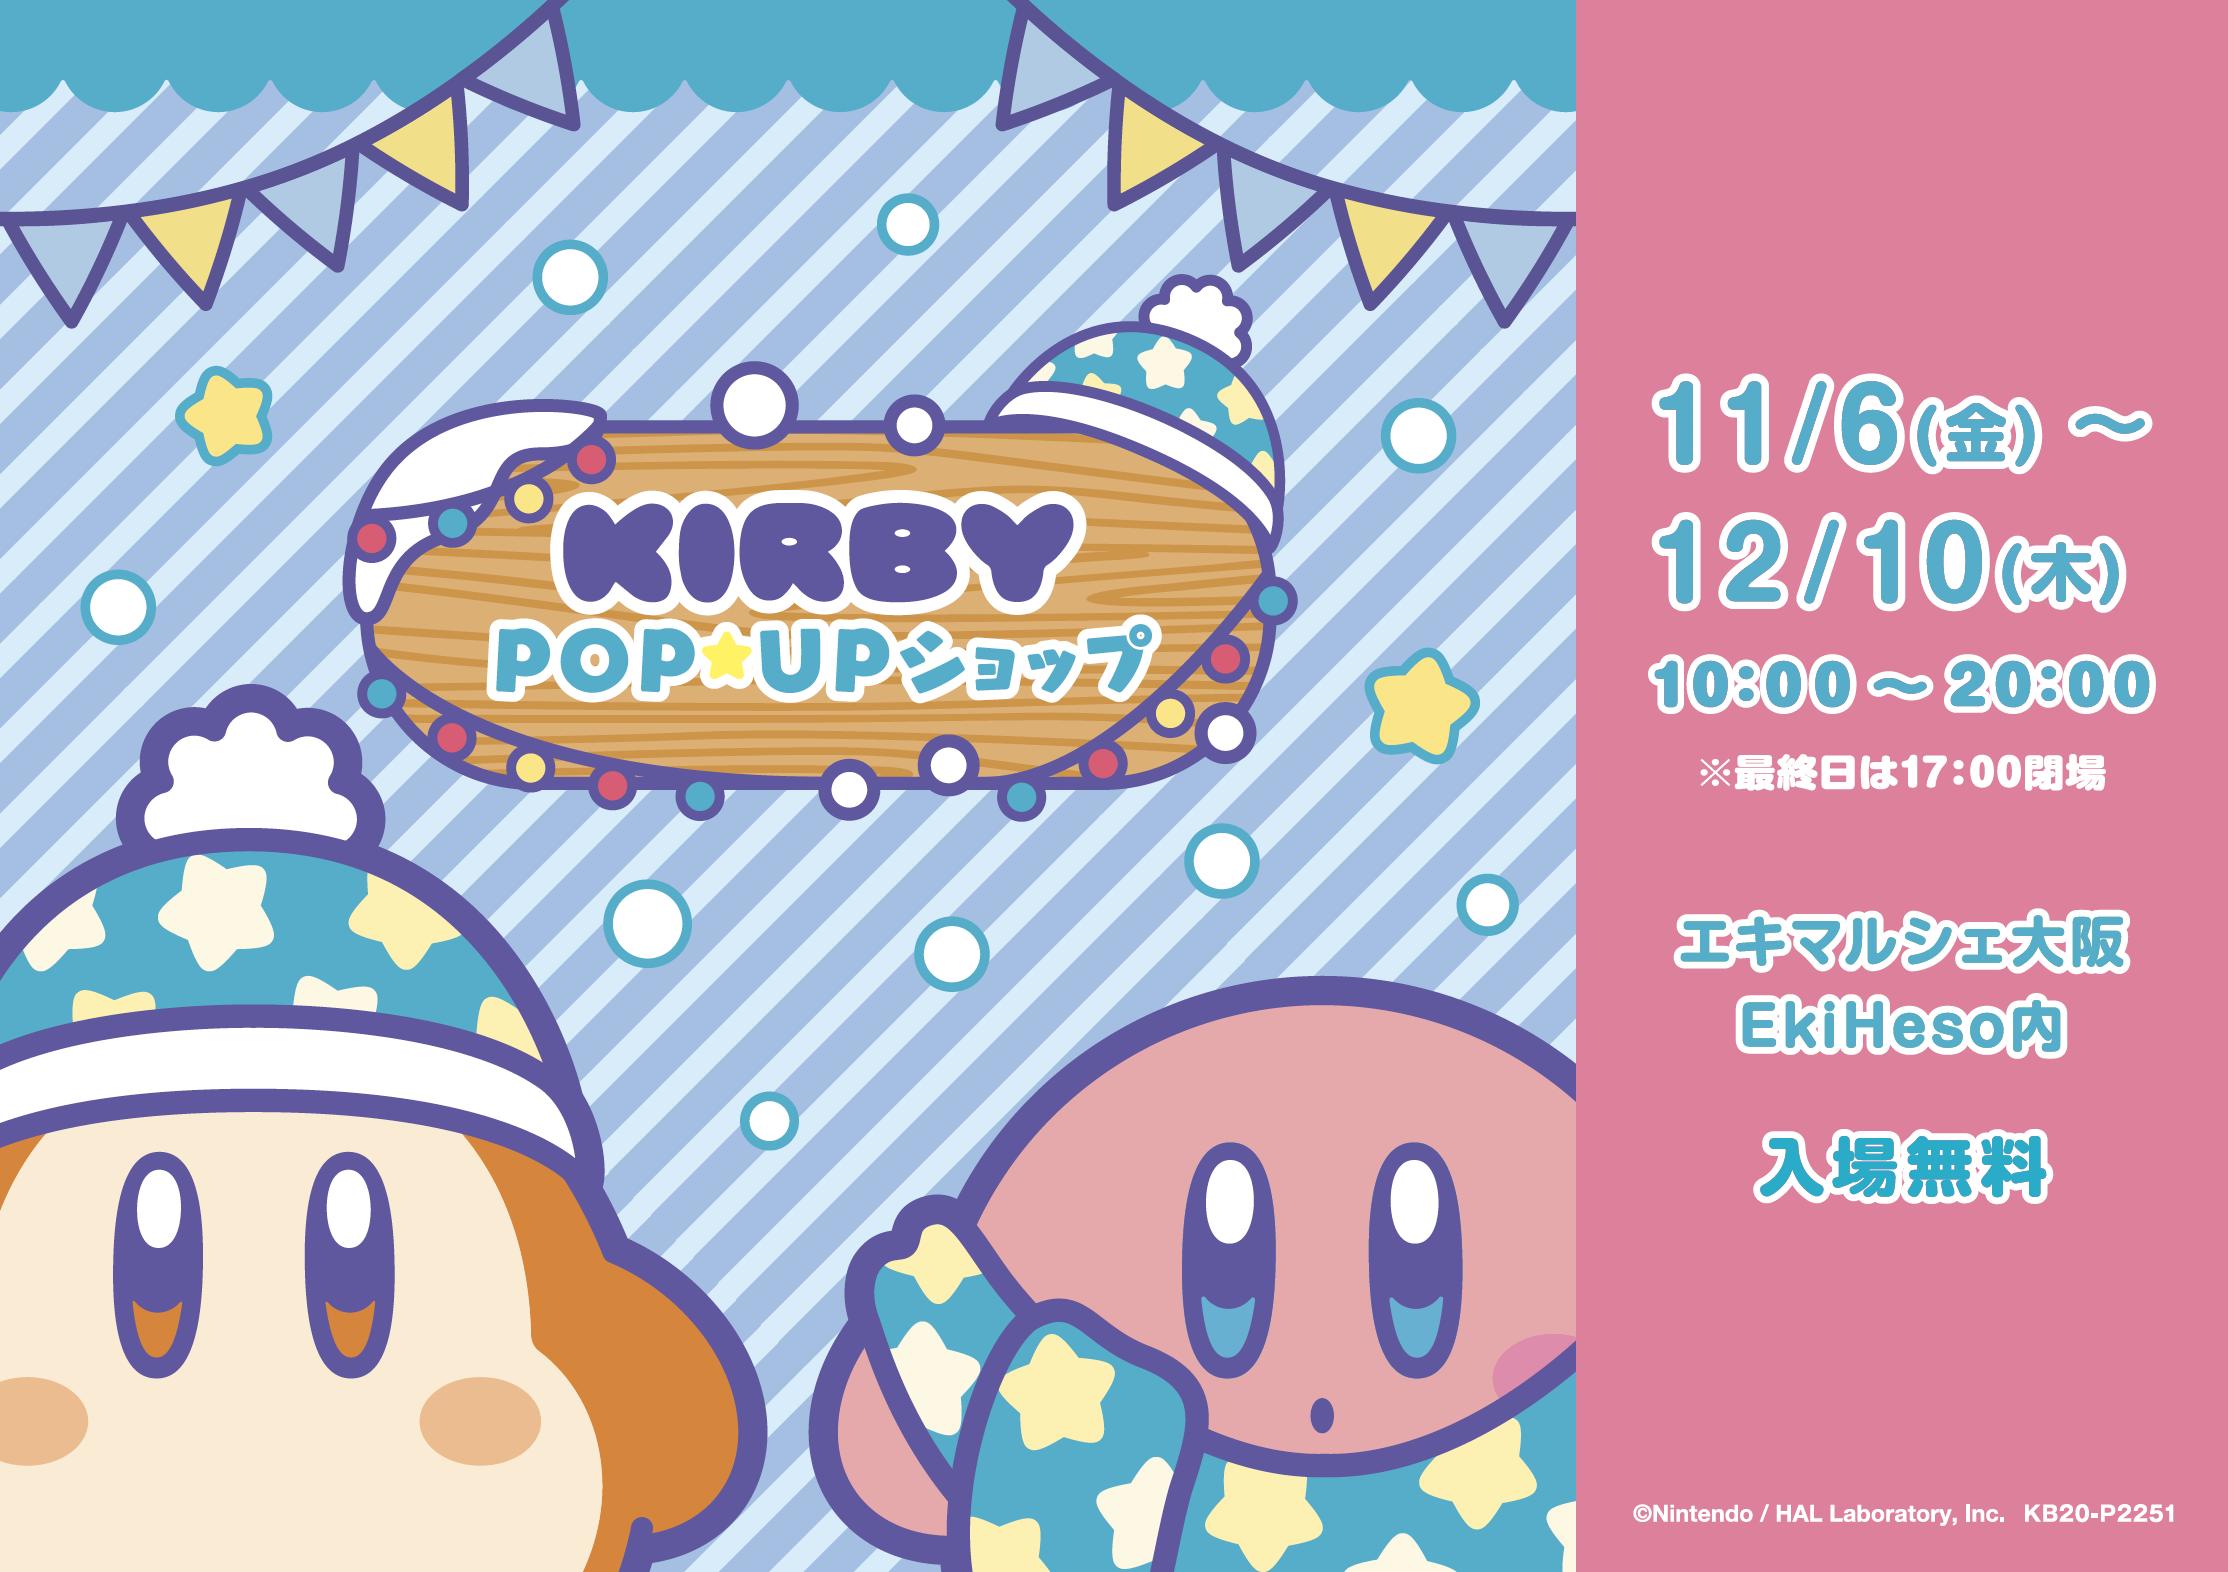 「星のカービィ」冬がテーマのポップアップショップがエキマルシェ大阪にオープン!購入特典でオリジナルポストカードもらえる